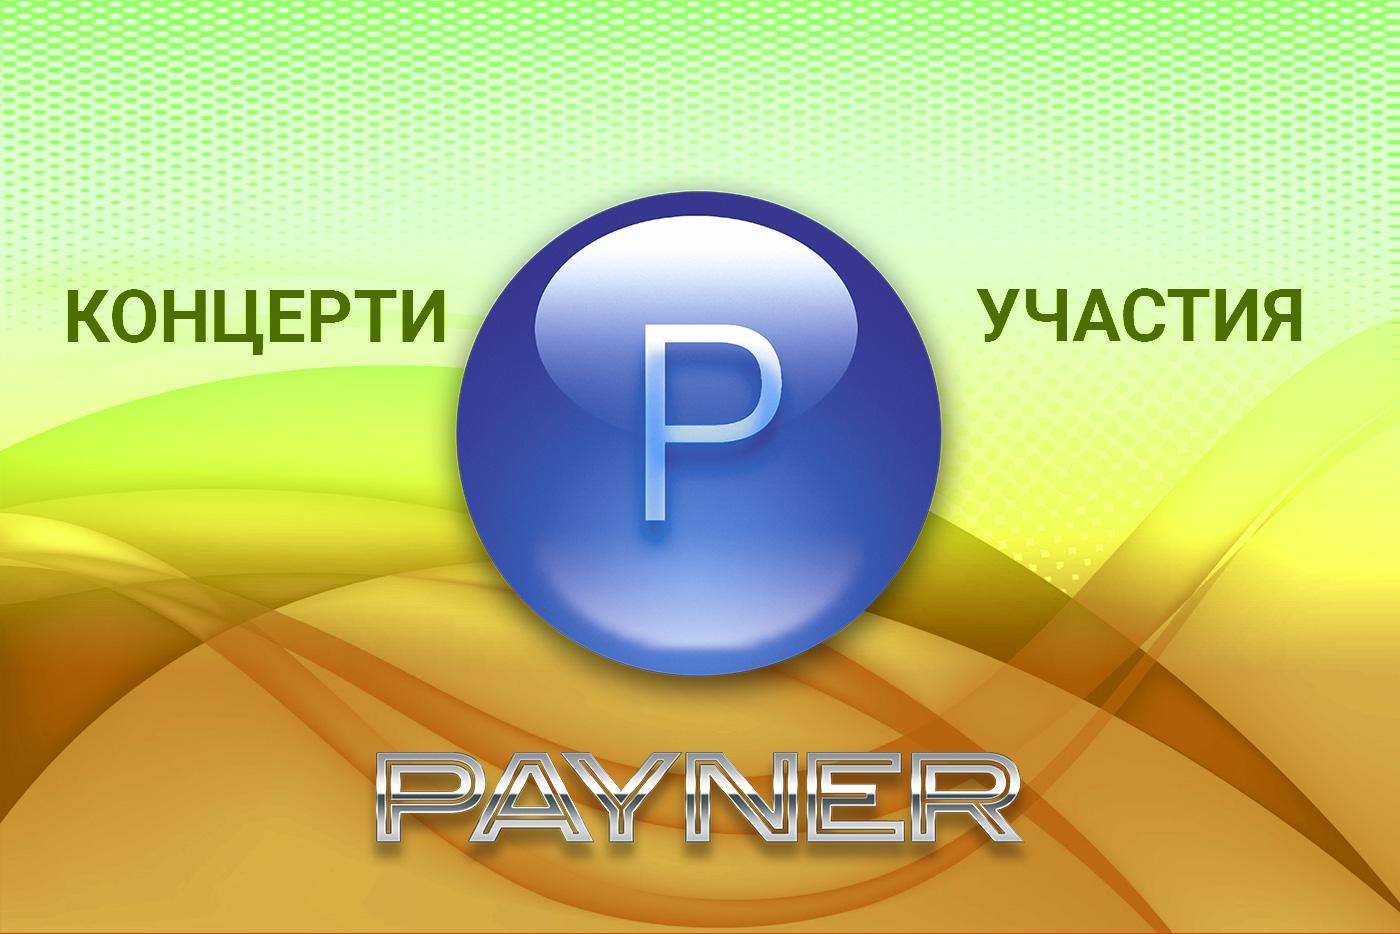 """Участия на звездите на """"Пайнер"""" на 21.04.2019"""